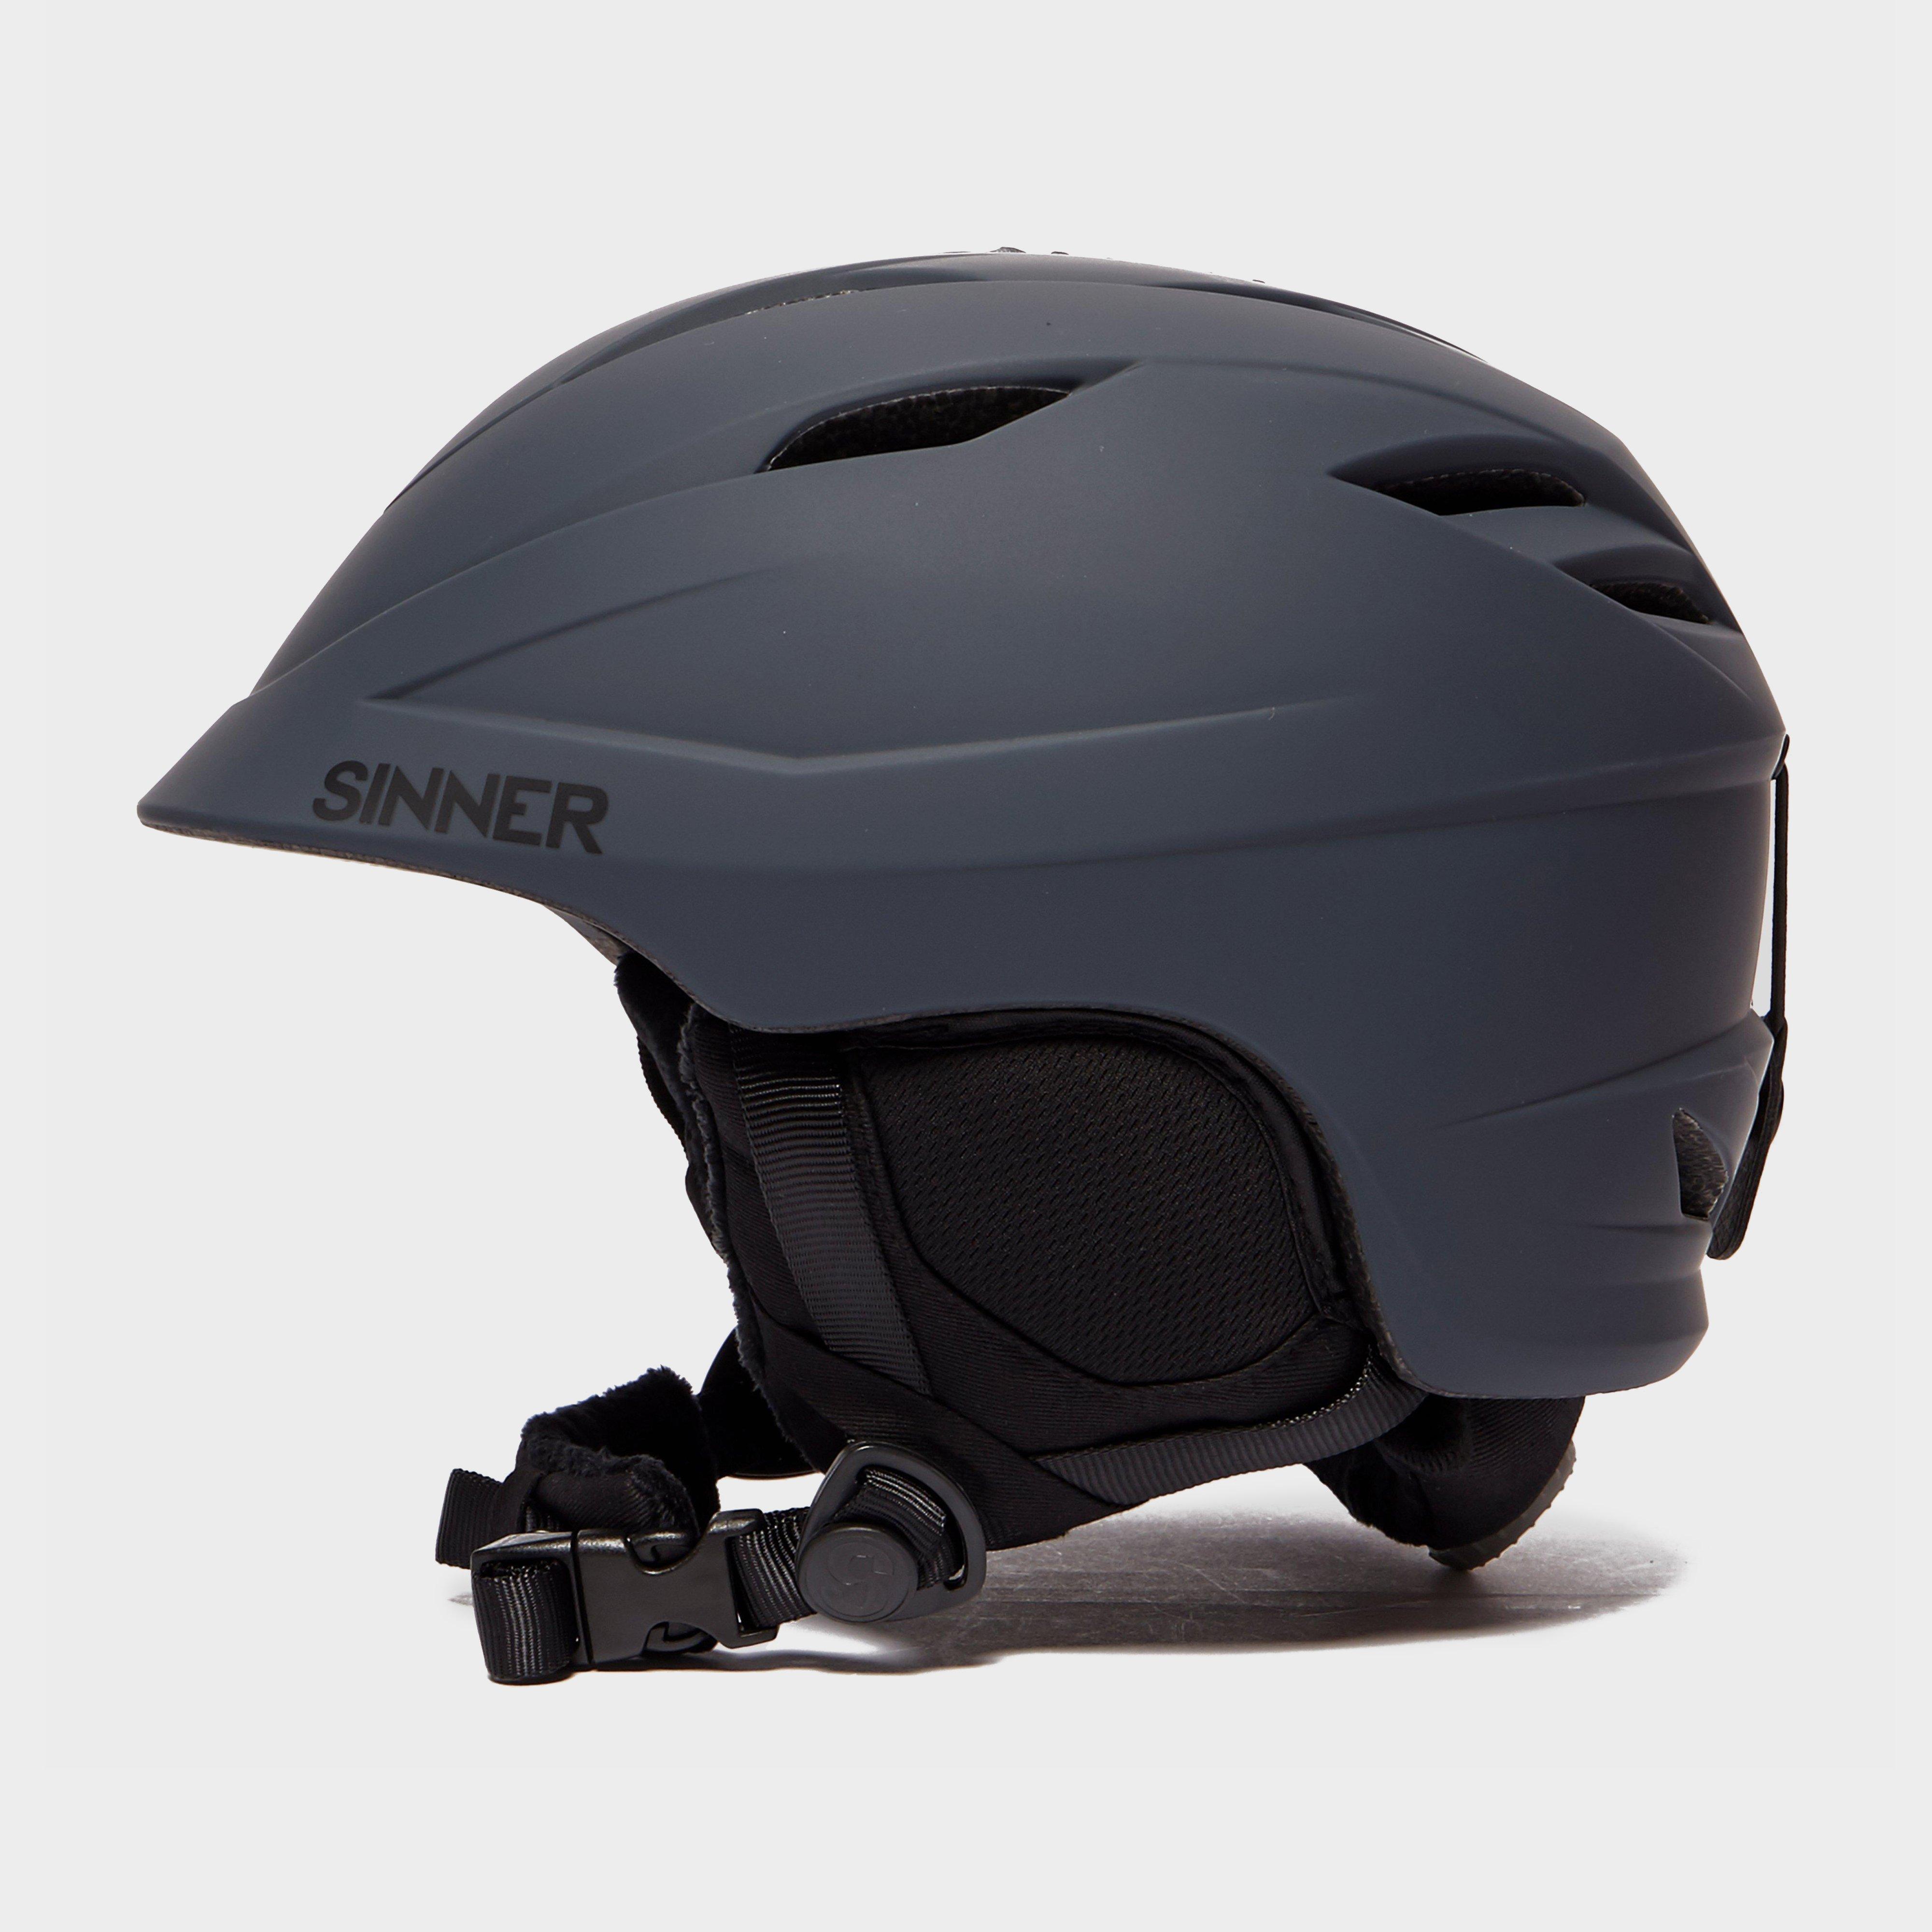 Sinner Sinner Gallix II Ski Helmet - Dark Grey, Dark Grey